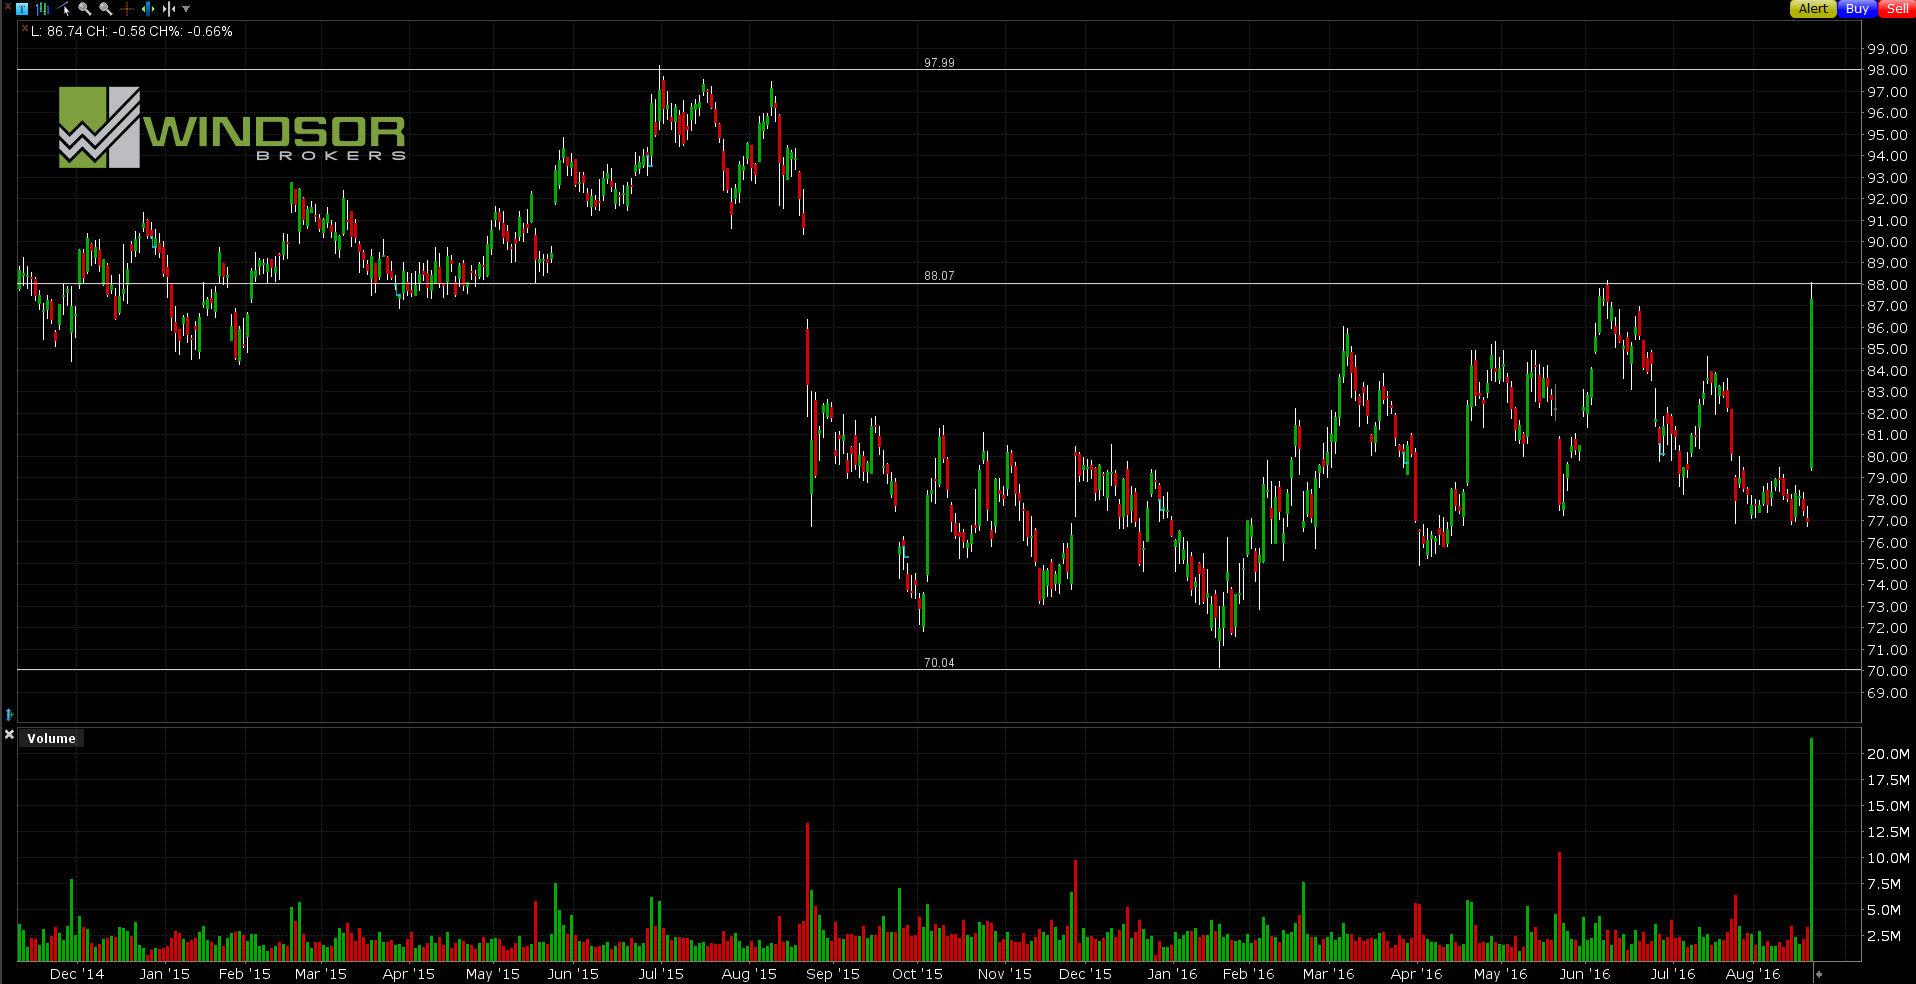 Wykres Deere & Co. dla interwału D1. All Markets Online.